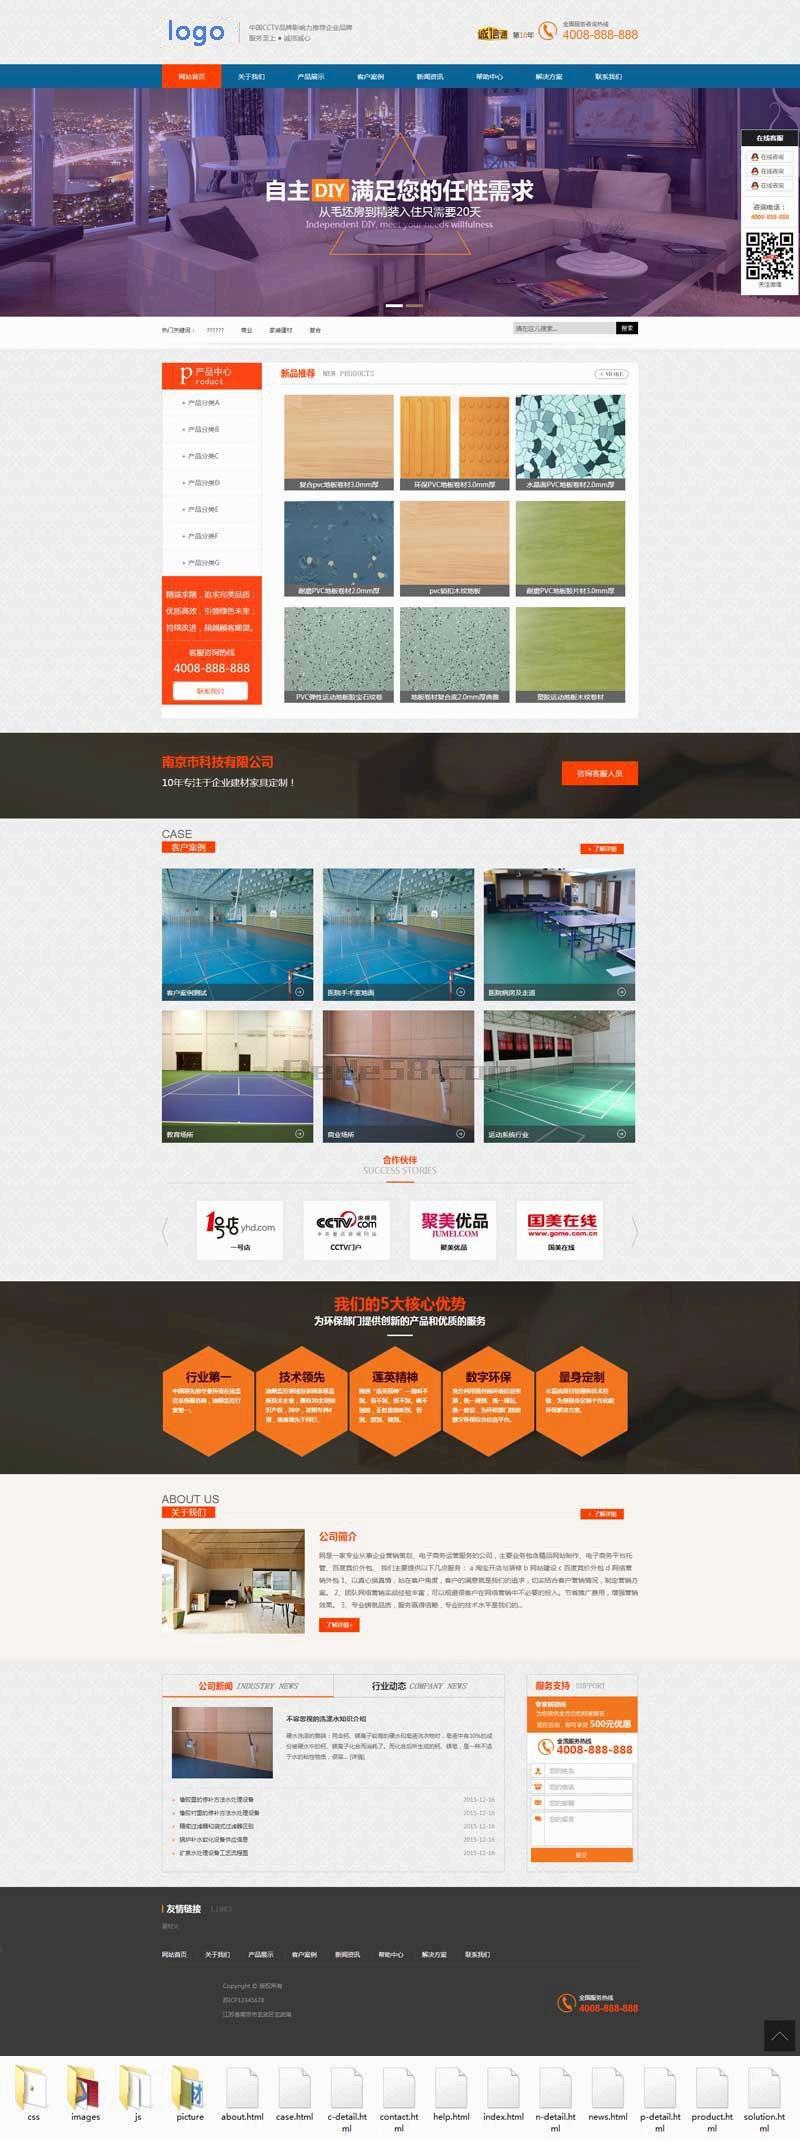 大气的家居装修建材公司网站html整站模板